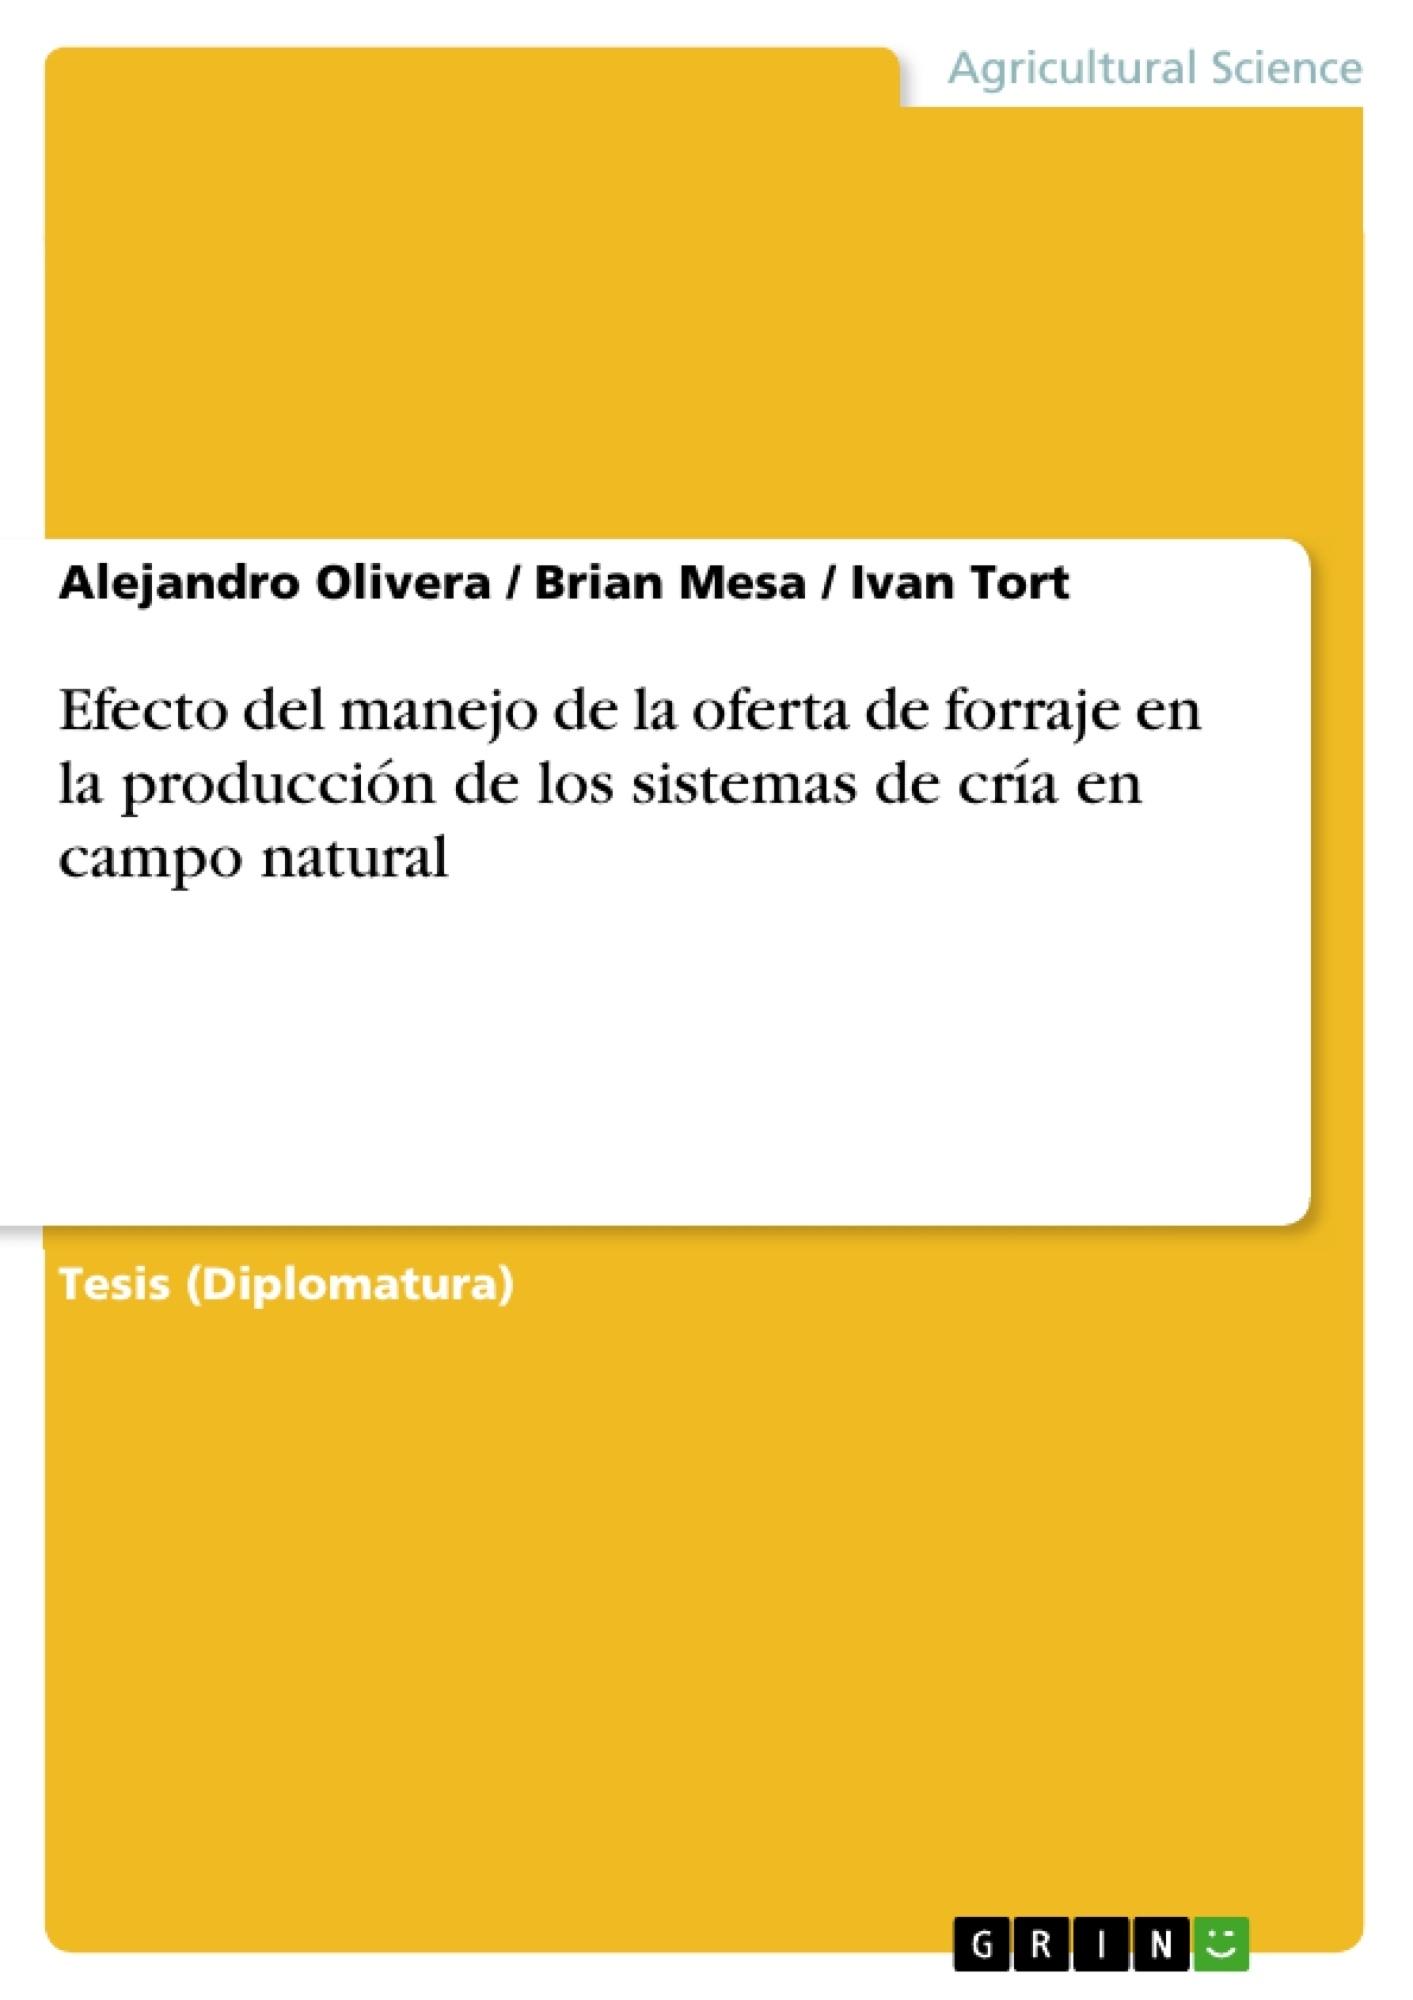 Título: Efecto del manejo de la oferta de forraje en la producción de los sistemas de cría en campo natural